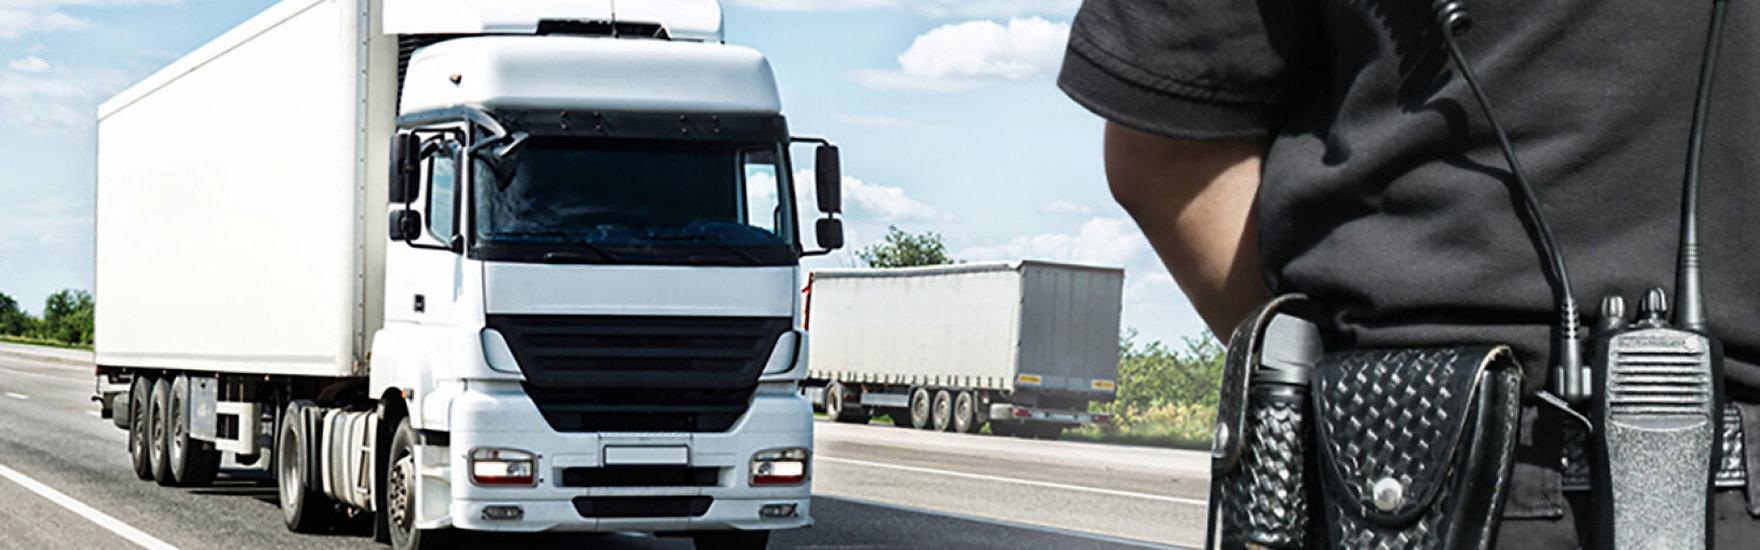 сопровождение грузов охрана Альфа